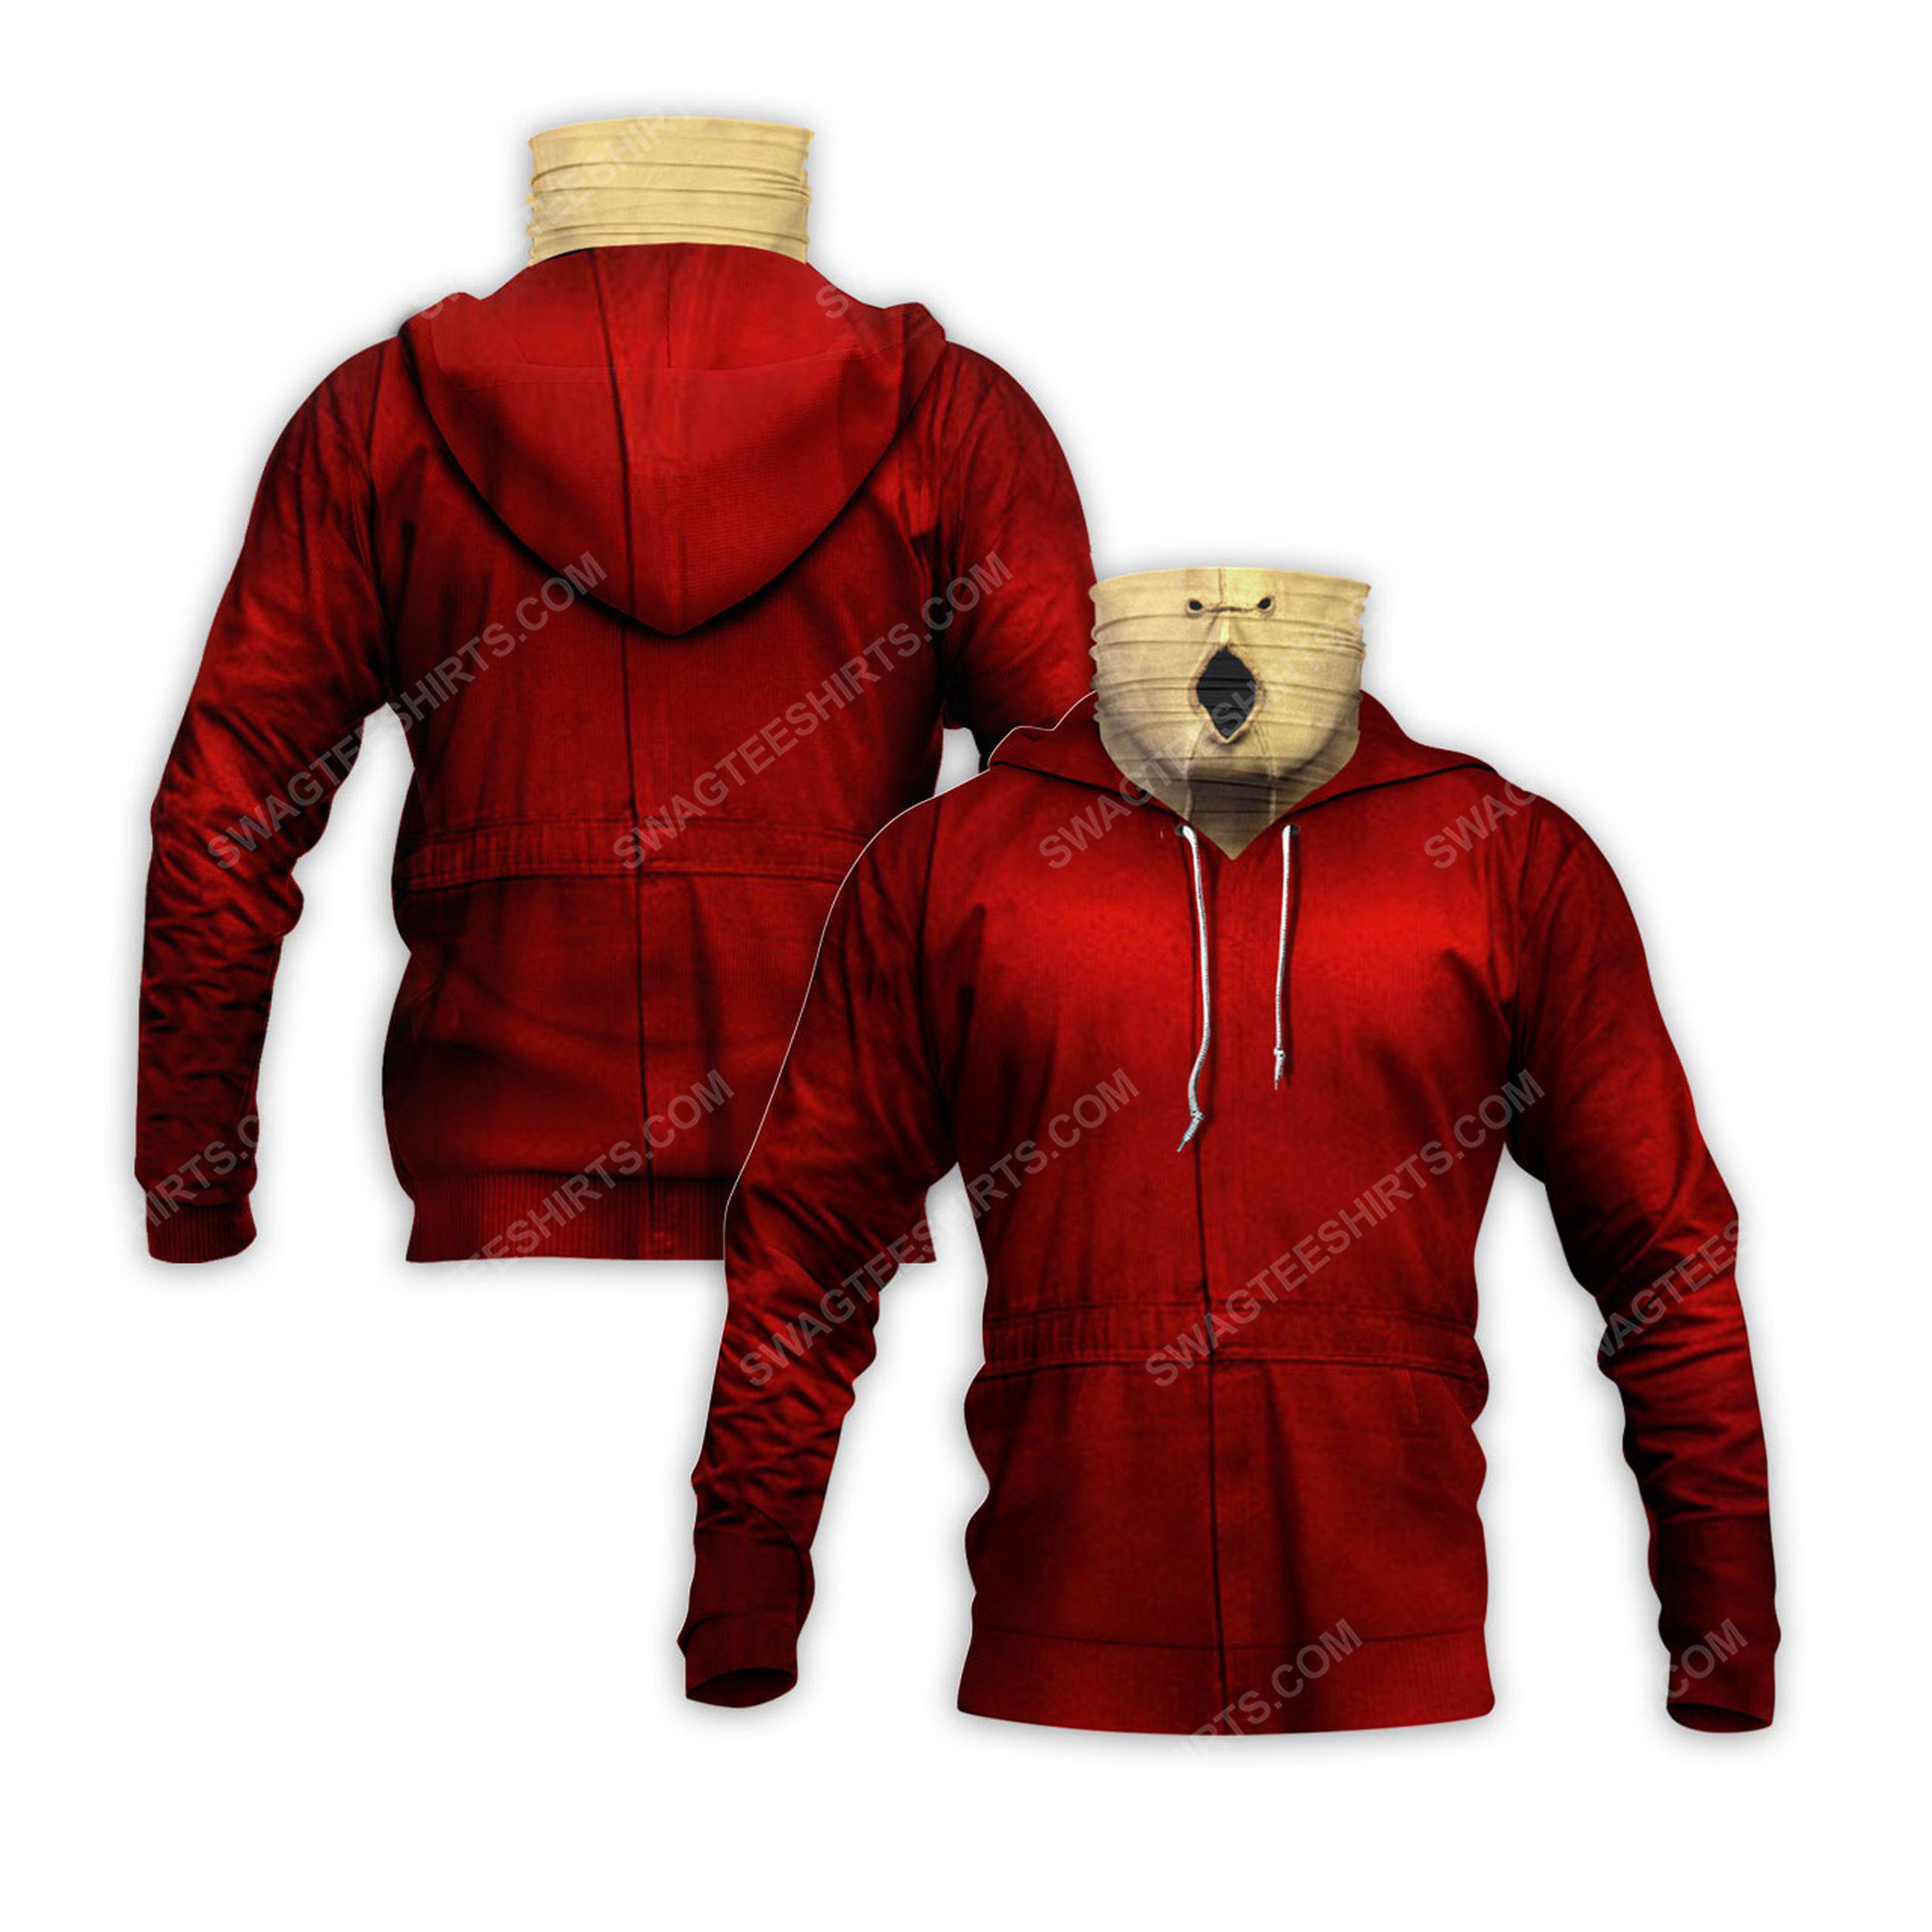 US movie character horror movie full print mask hoodie 2(1) - Copy